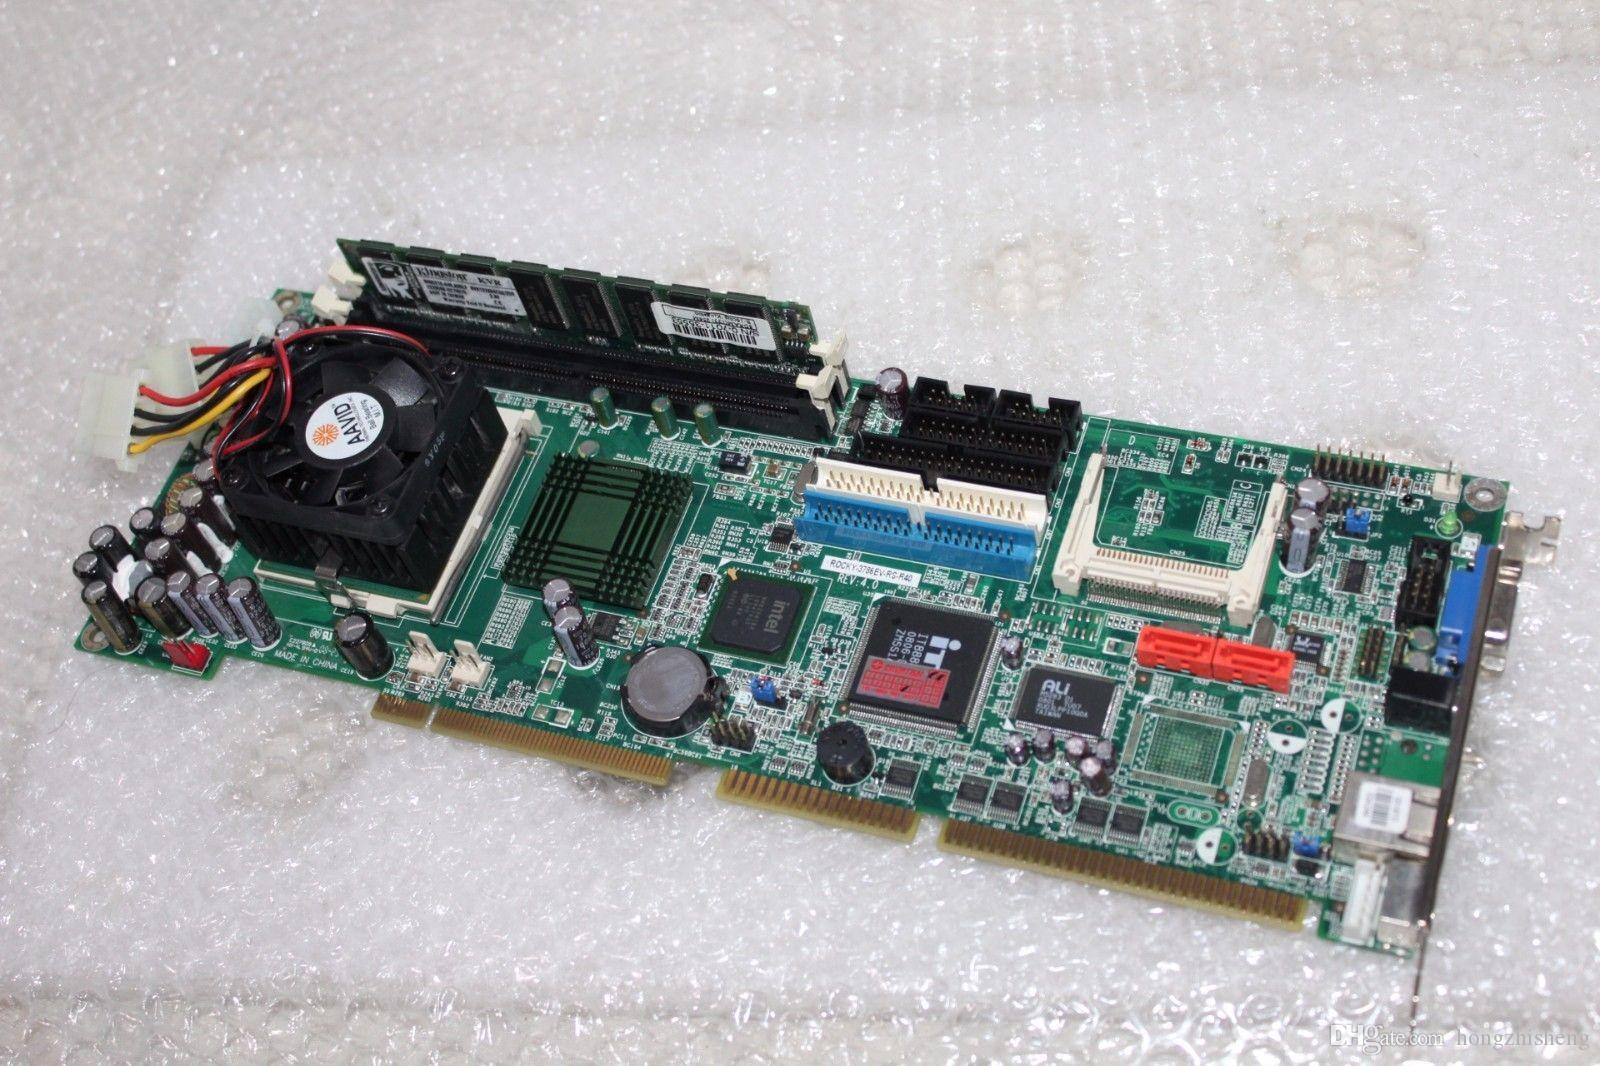 Промышленная доска оборудования в количестве 2 интерфейс SATA роки-3786EV-РС-в R40 версия:4.0